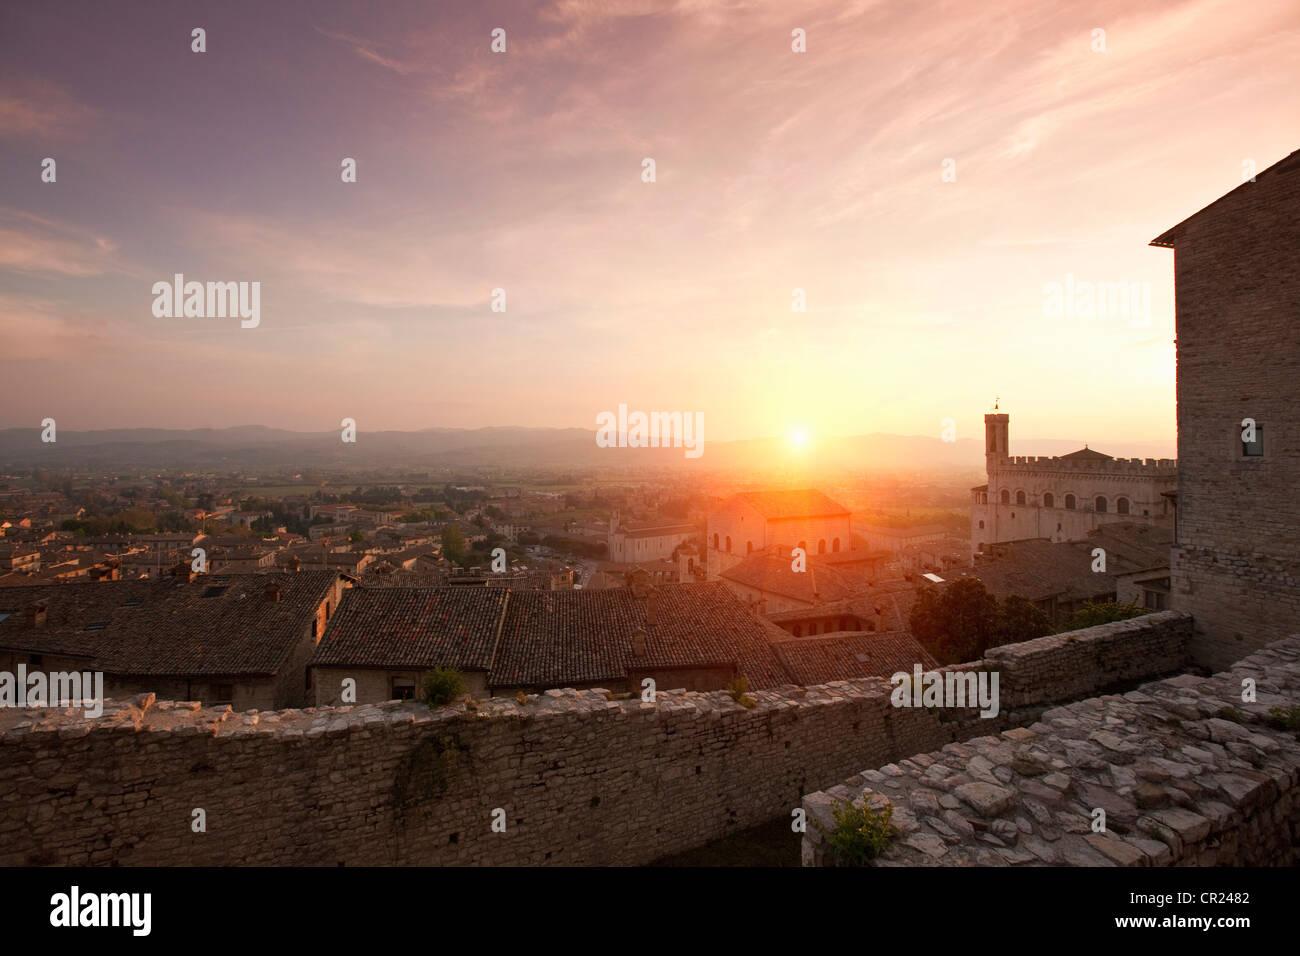 El sol brillaba sobre piedra de las murallas de la ciudad Imagen De Stock